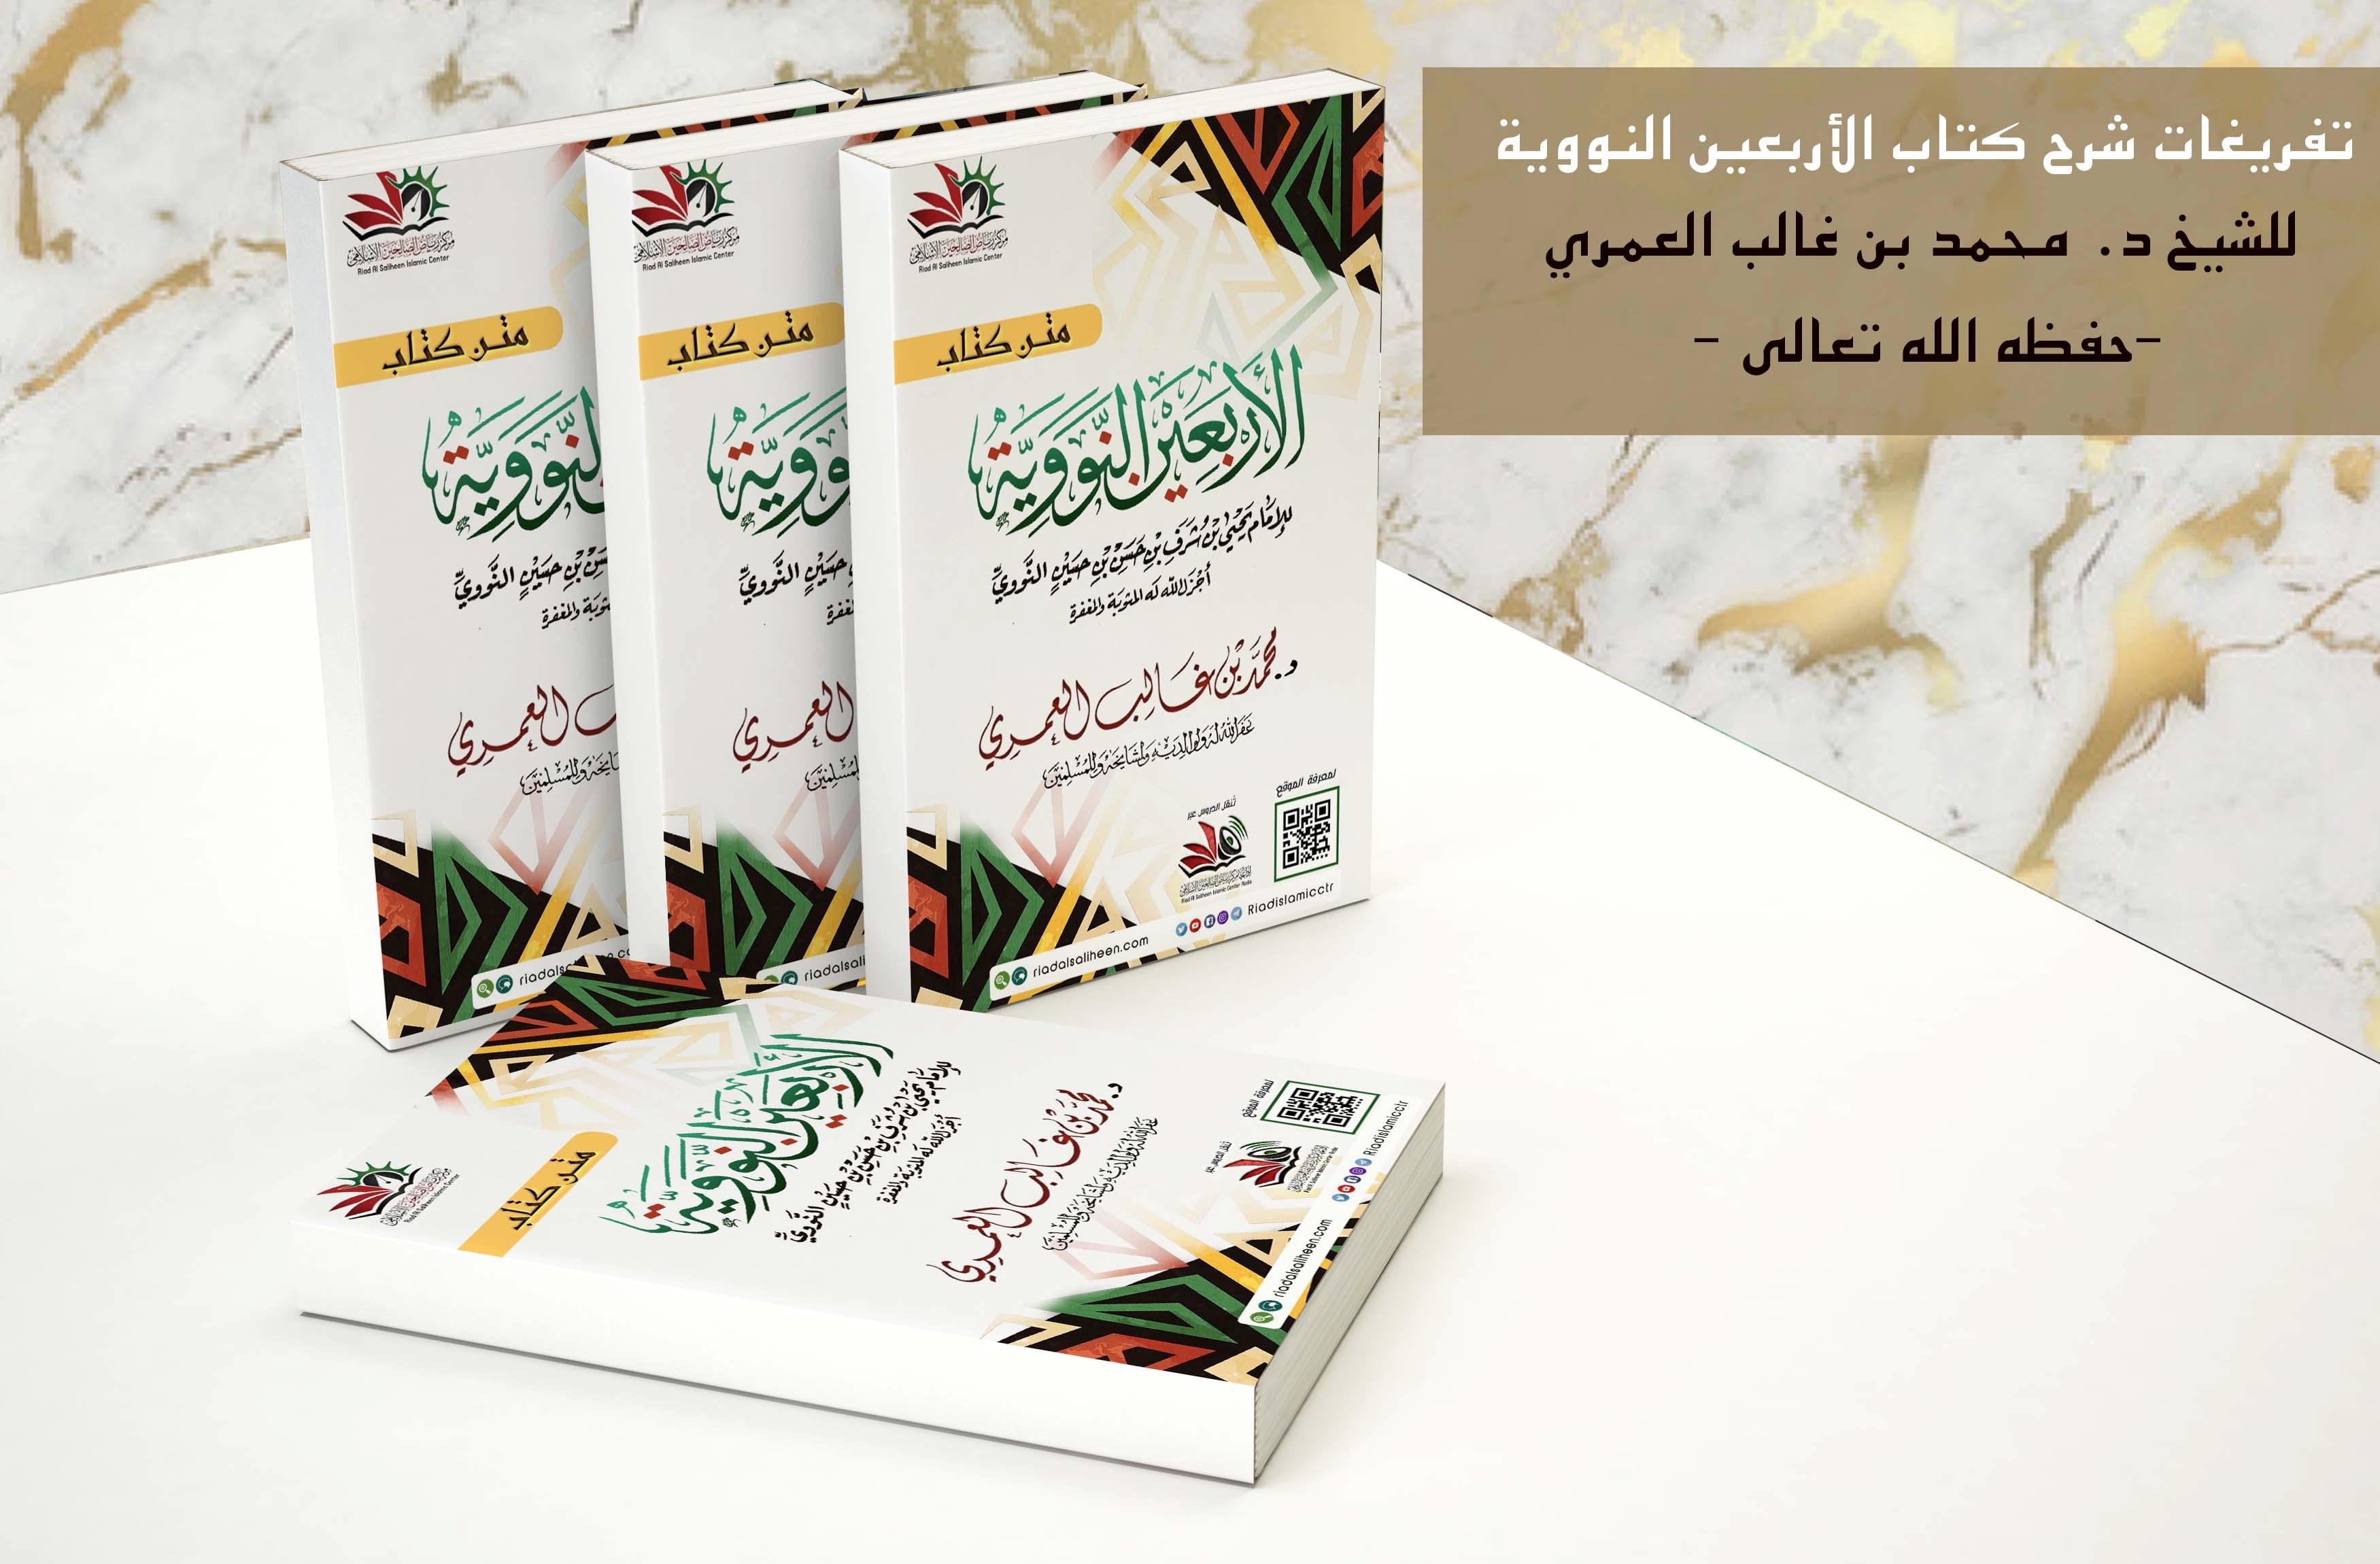 تفريغات شرح كتاب الأربعين النووية للشيخ د. محمد بن غالب العمري